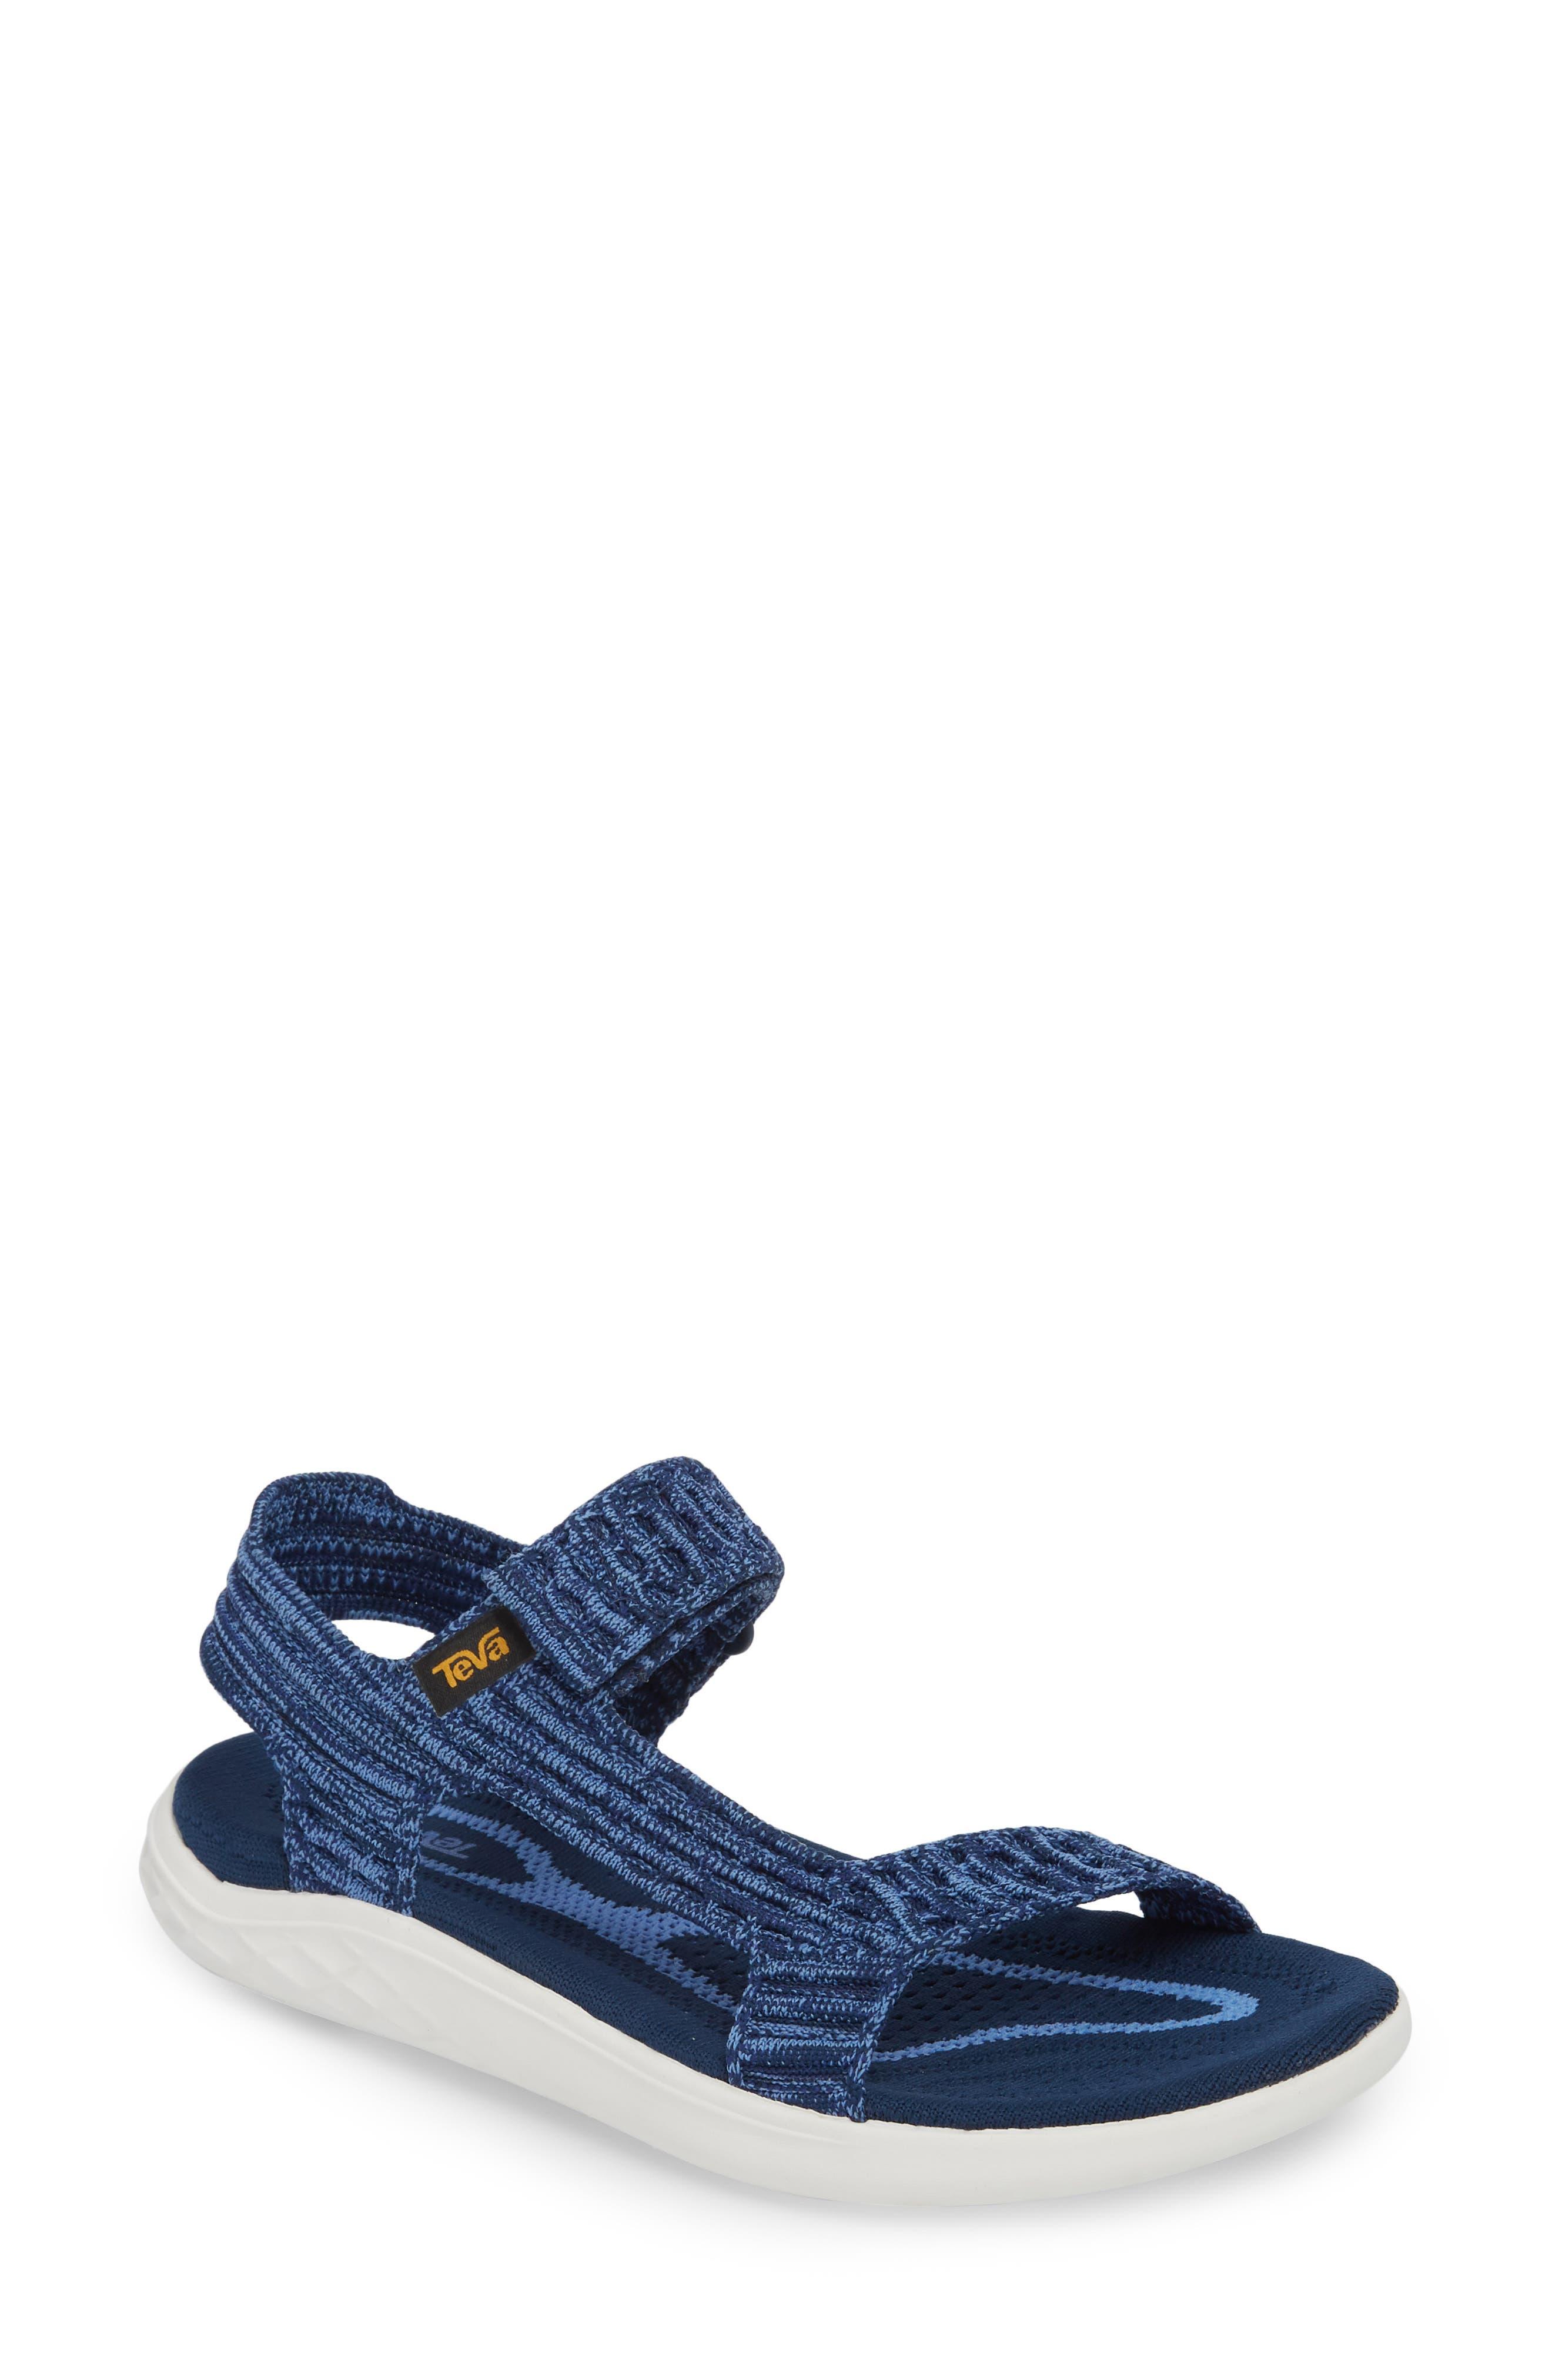 Terra Float 2 Knit Universal Sandal,                             Main thumbnail 4, color,